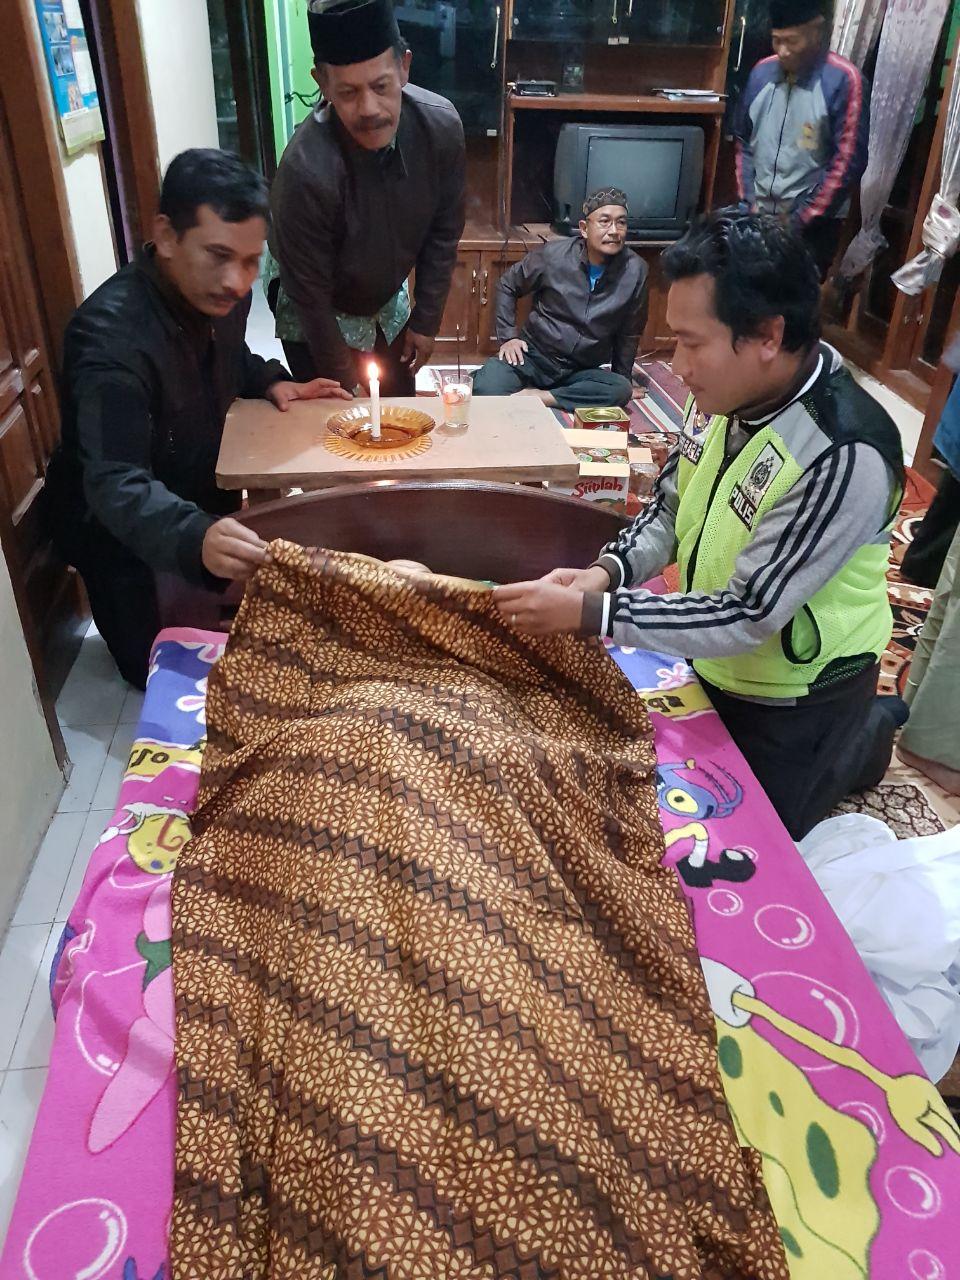 Kepala Desa Jombok Meninggal Dunia Bhabinkamtibmas Polsek Ngantang Polres Batu Melaksanakan Shalat Jenazah